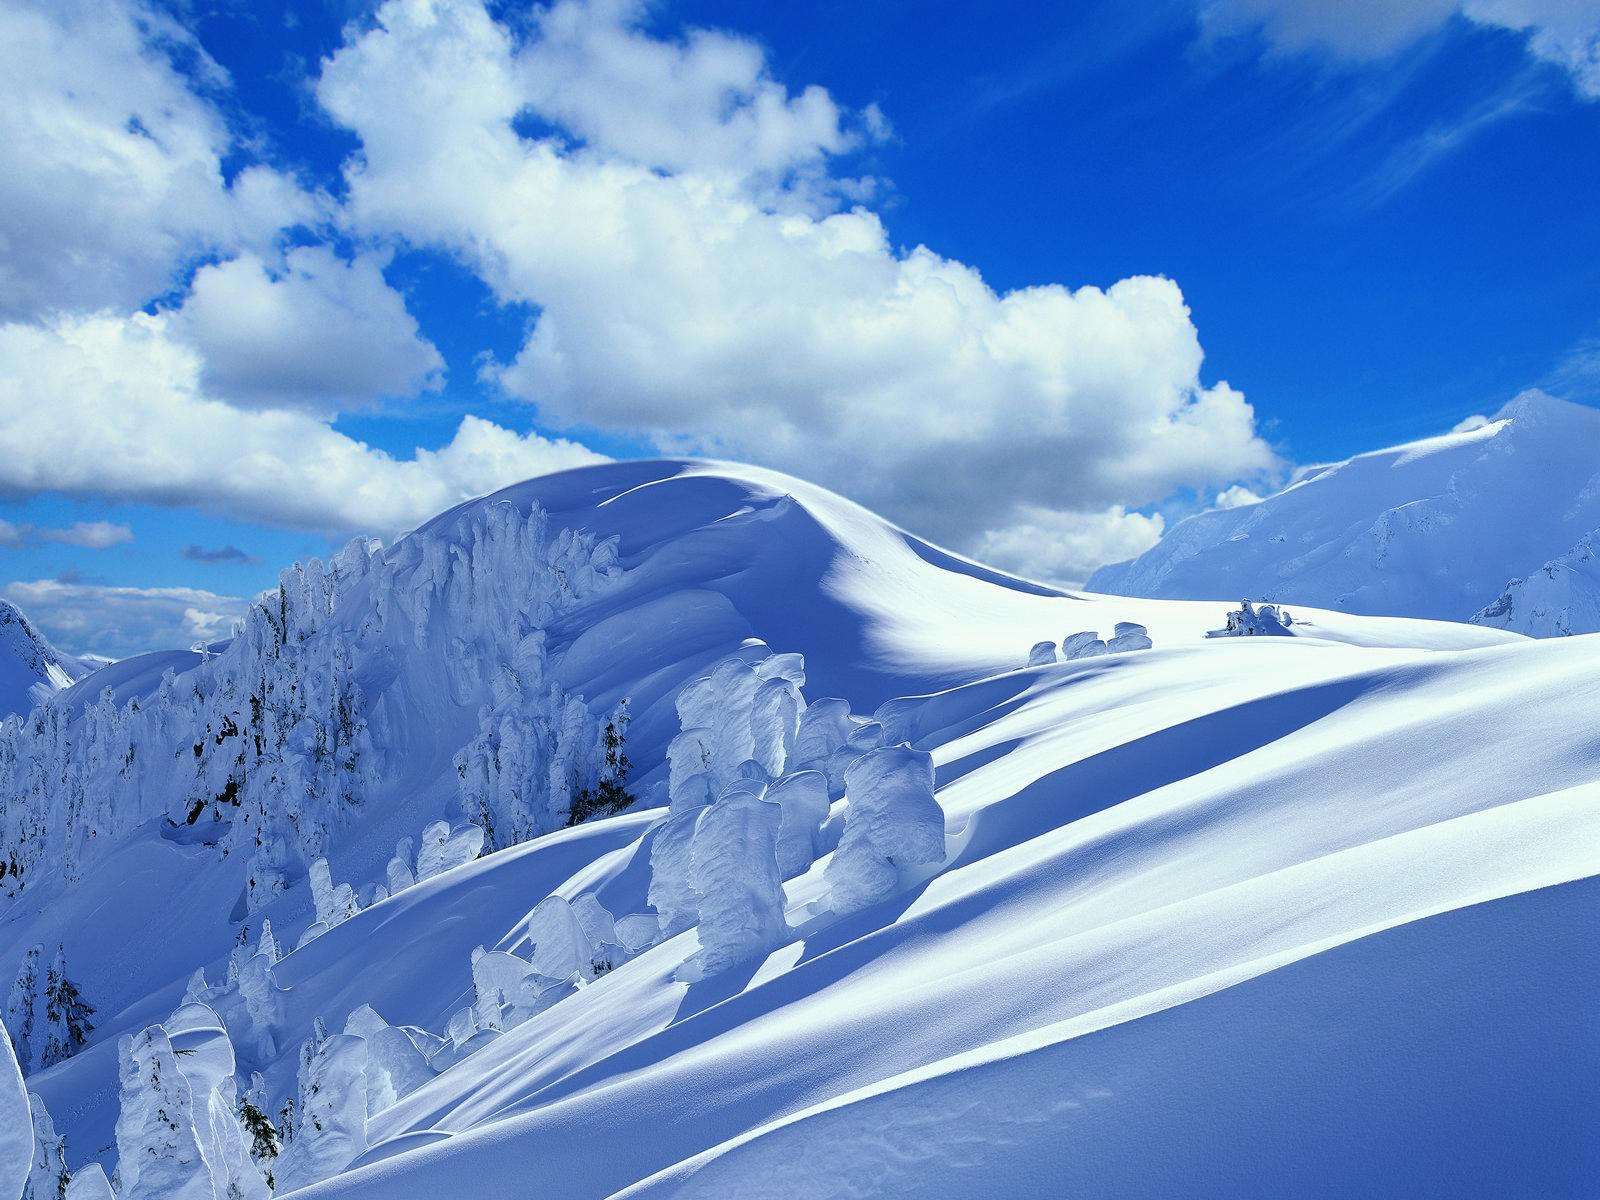 снег ели гора snow ate mountain  № 2479226 бесплатно